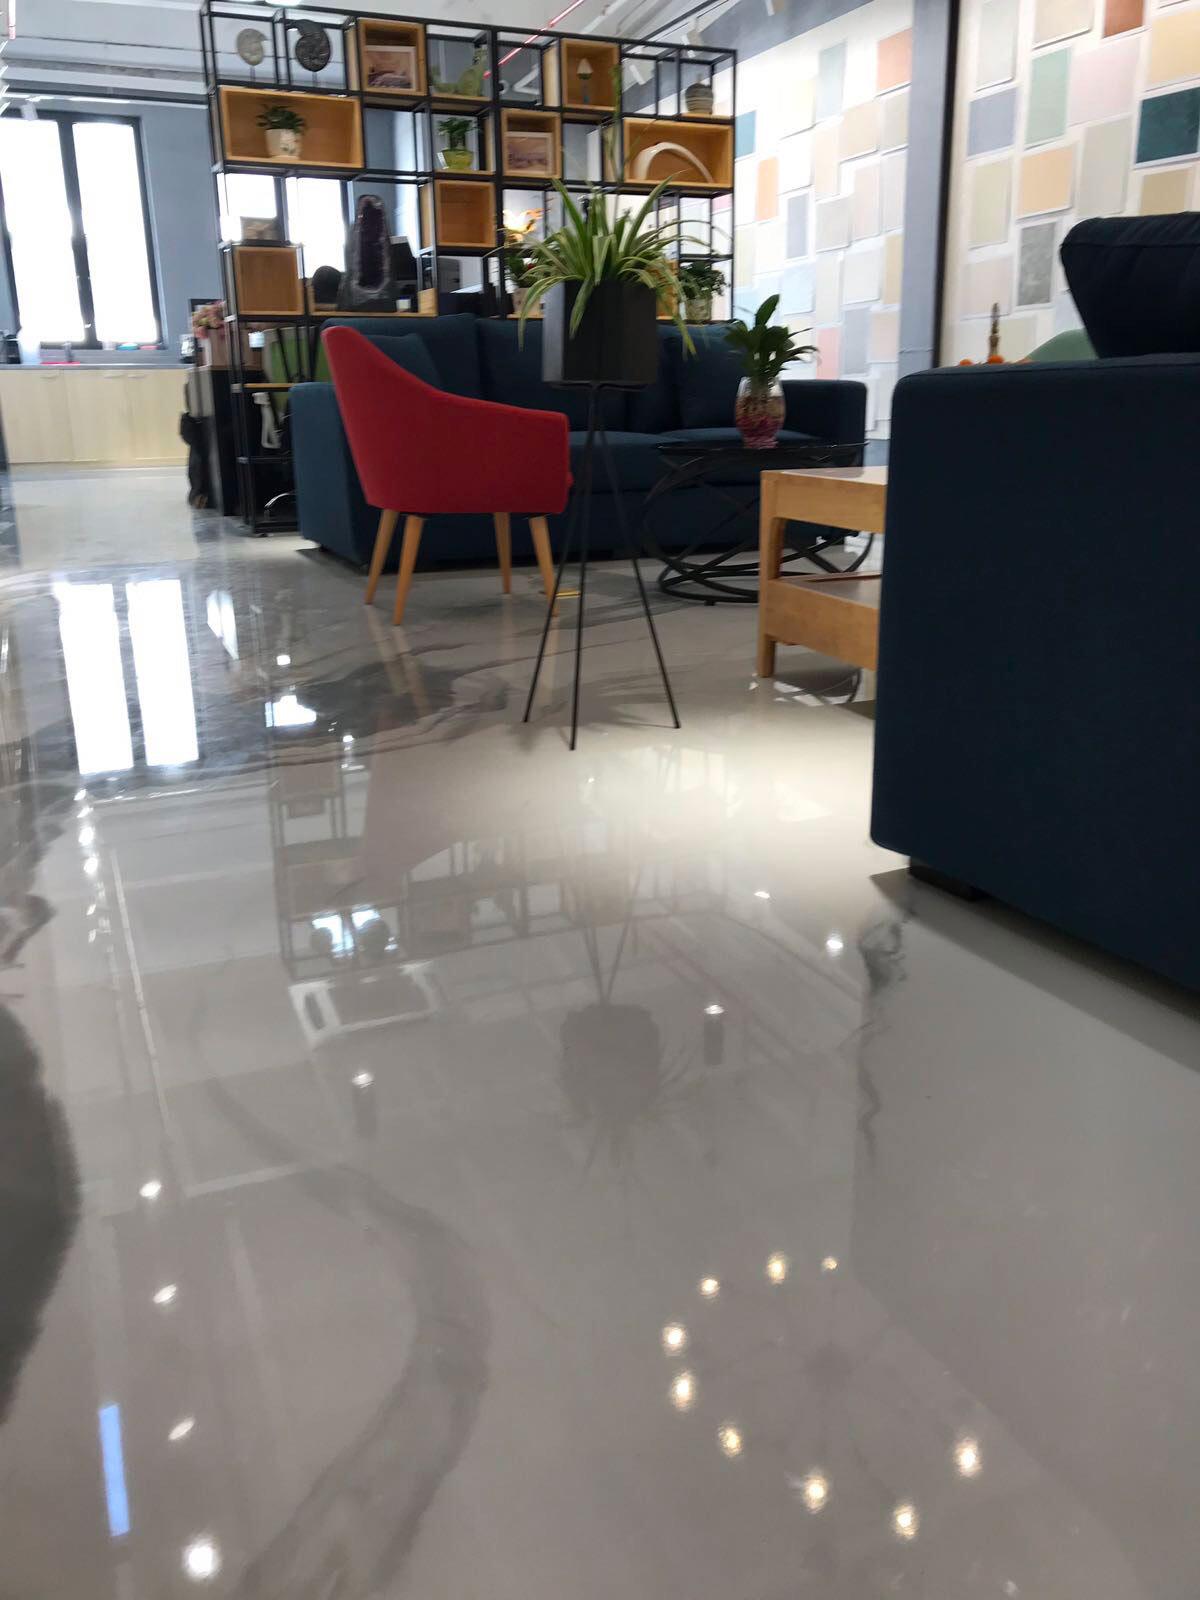 Pavimenti in resina e rivestimenti decorativi ambergreen - Pavimenti decorativi in resina ...